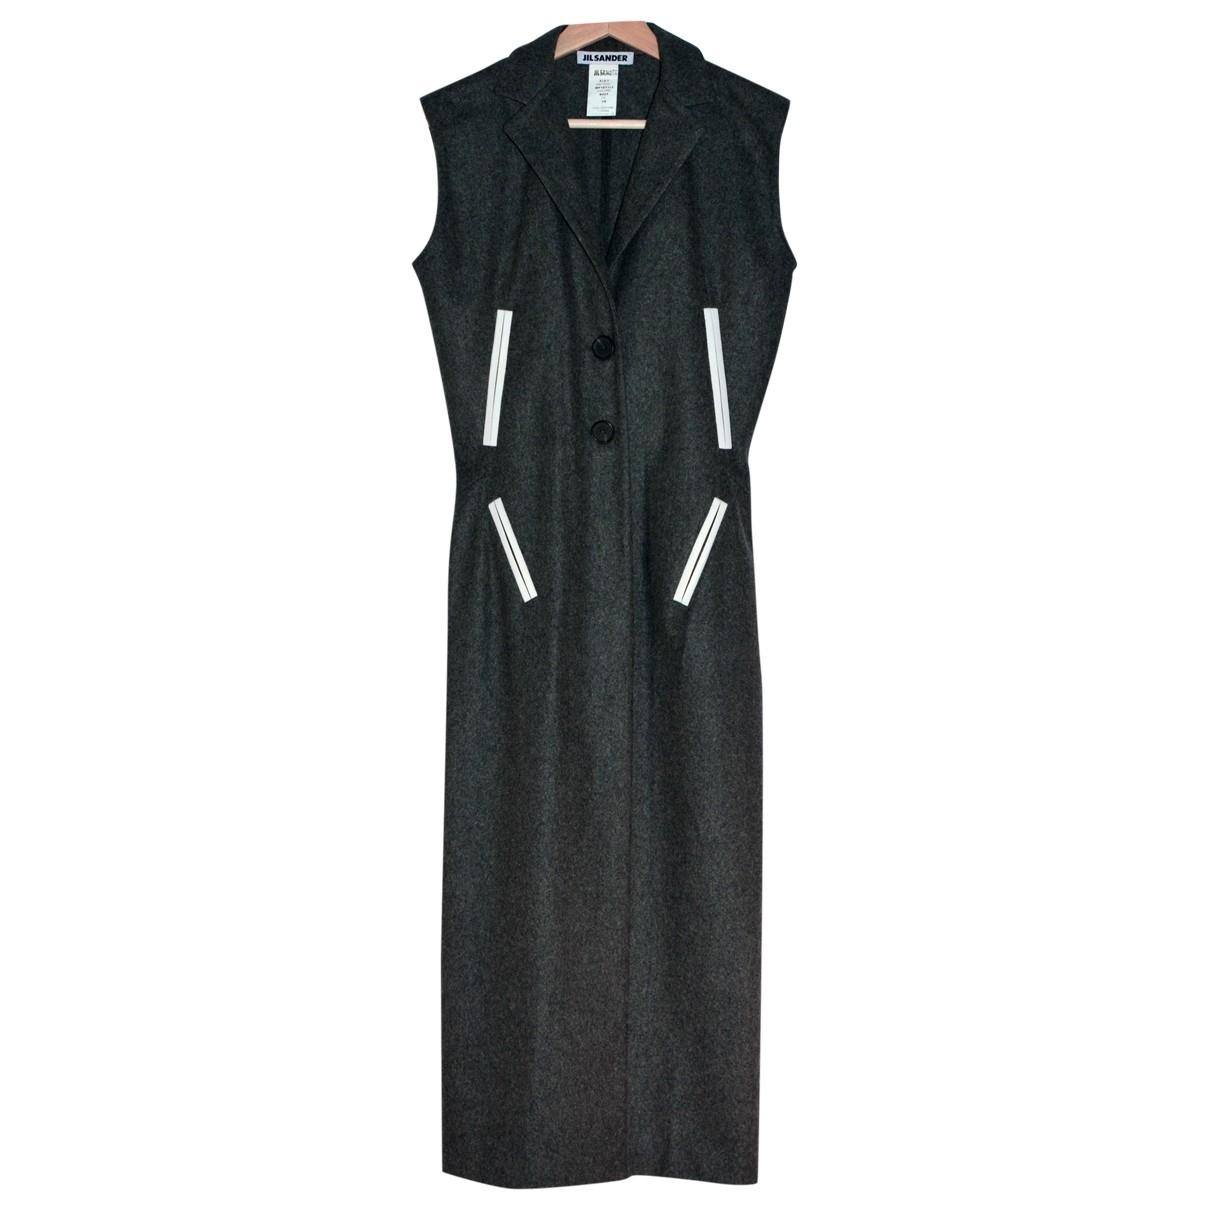 Jil Sander \N Kleid in  Grau Wolle